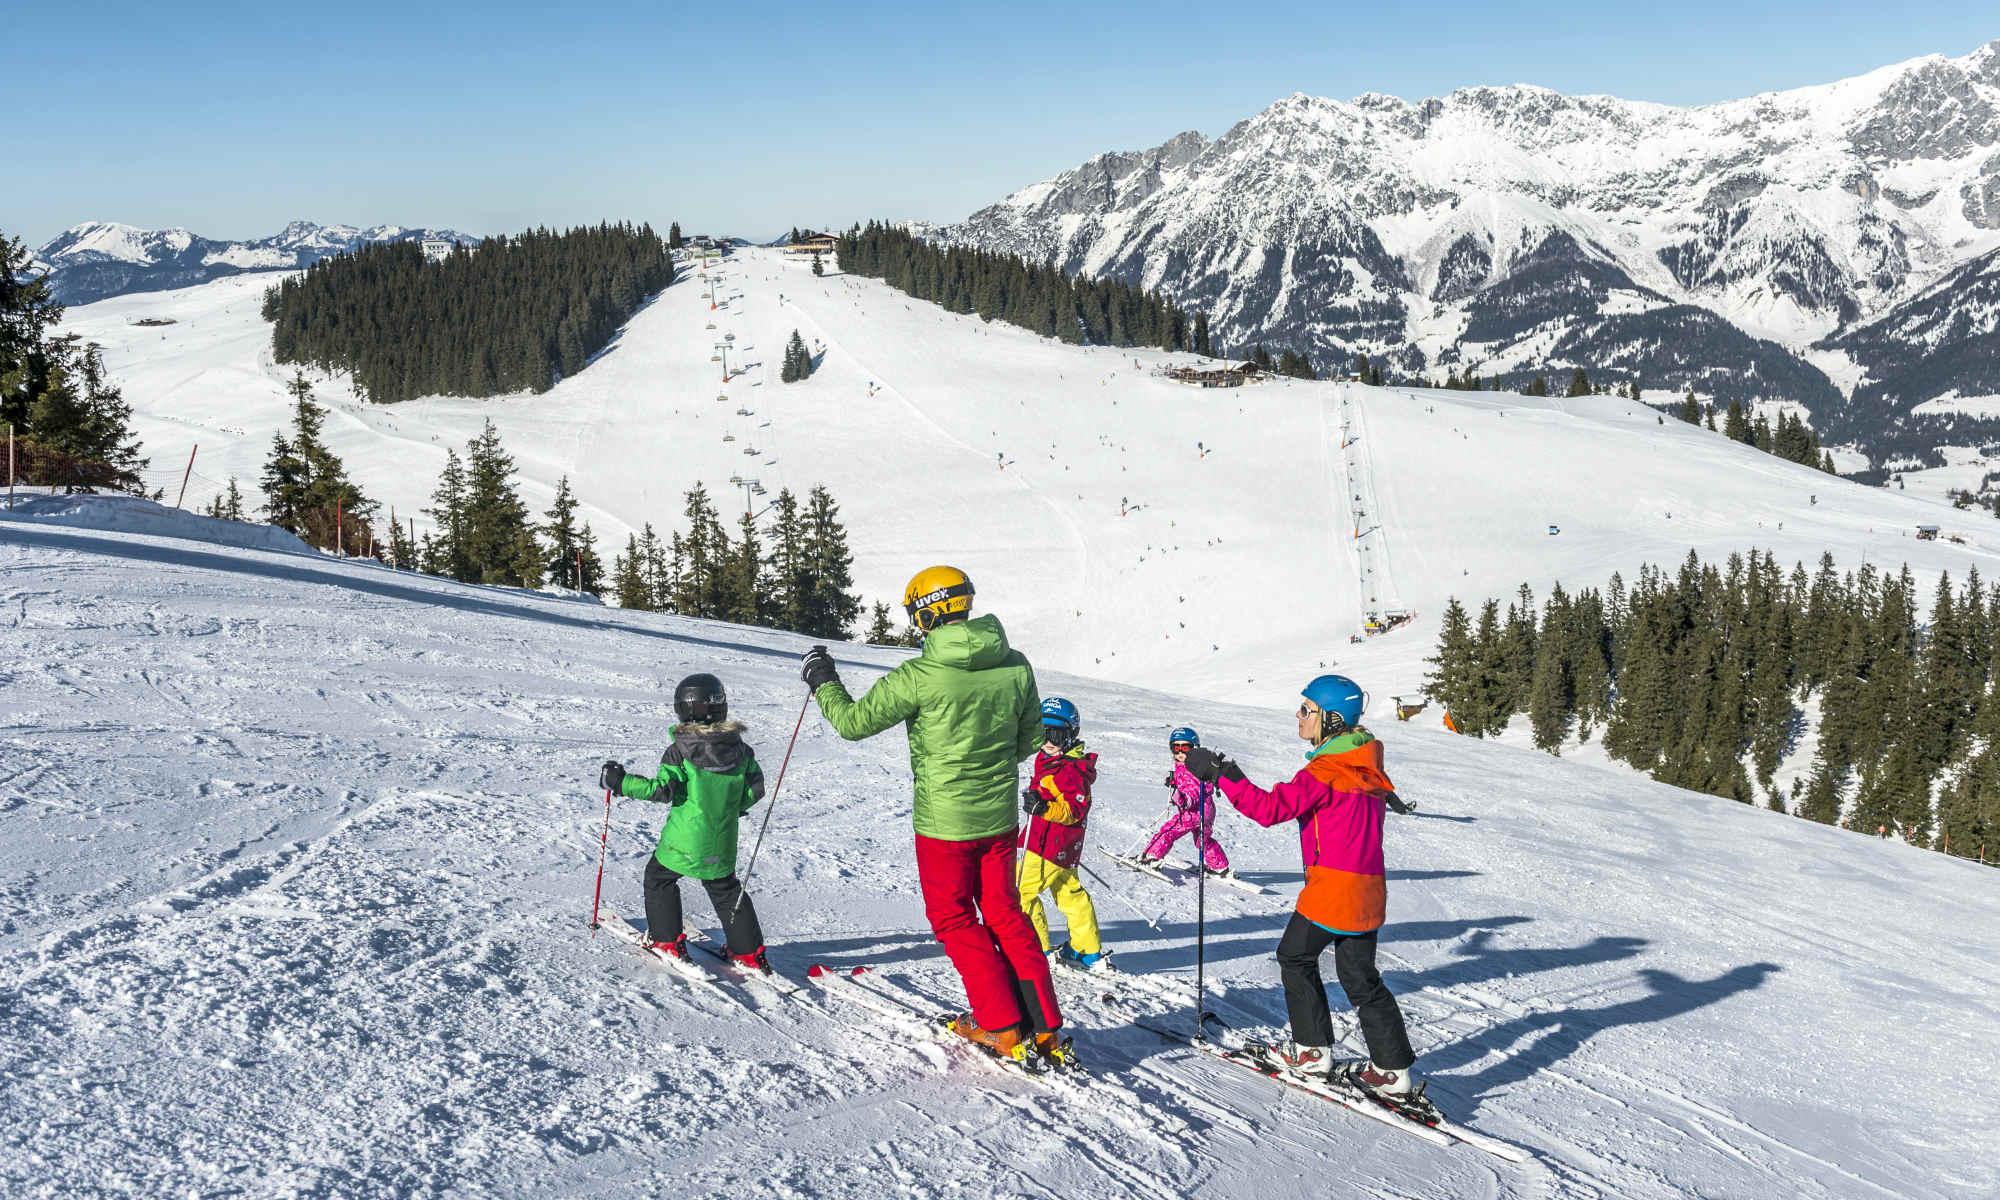 Eine Familie beim Skifahren auf der Piste mit Bergpanorama.